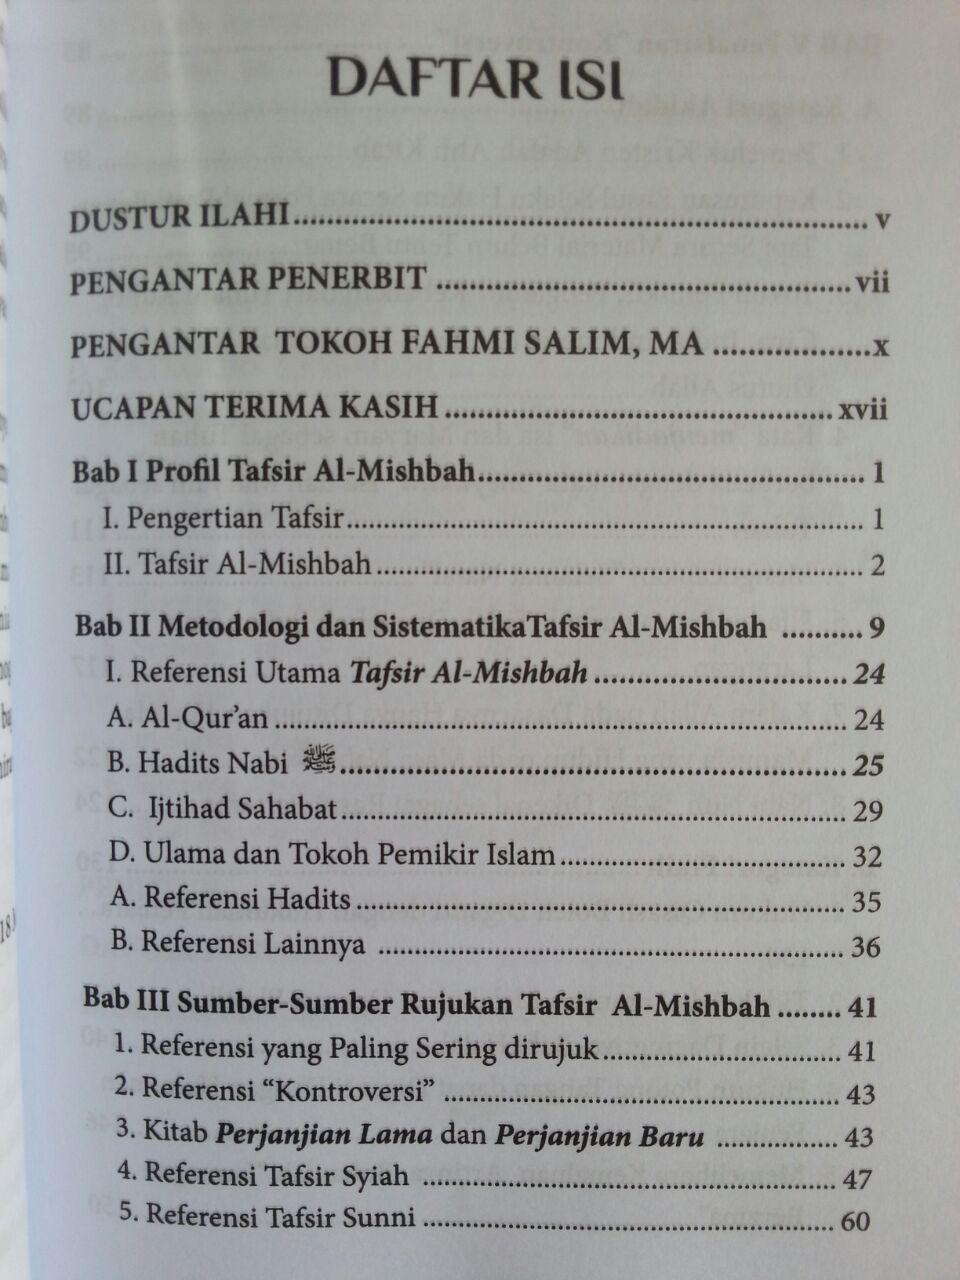 Buku Tafsir Al-Mishbah Dalam Sorotan isi 2